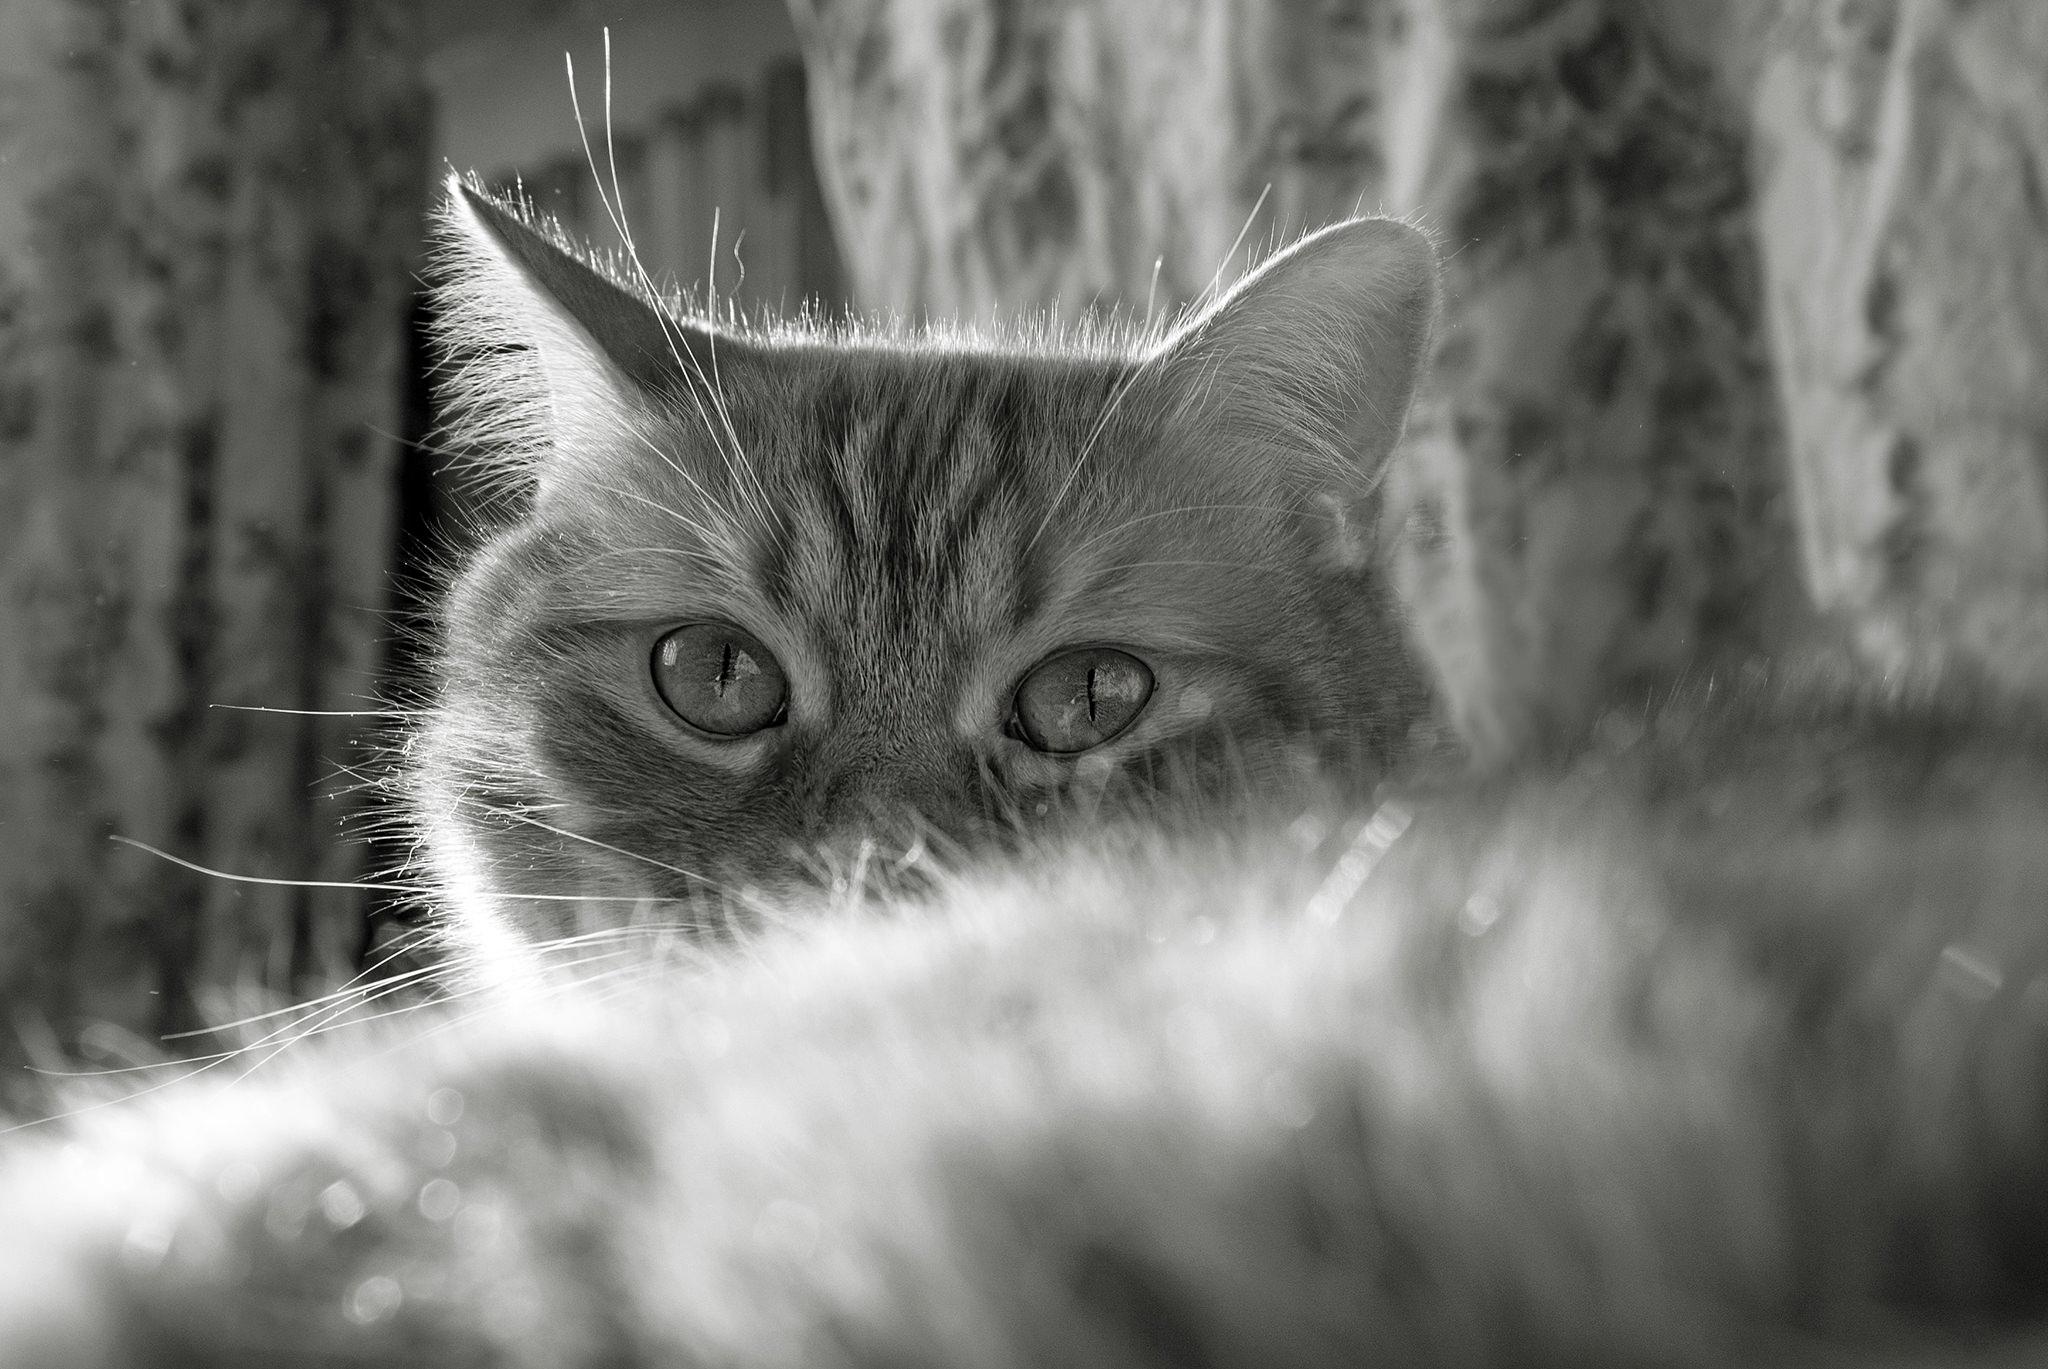 fot. Agnieszka Harna